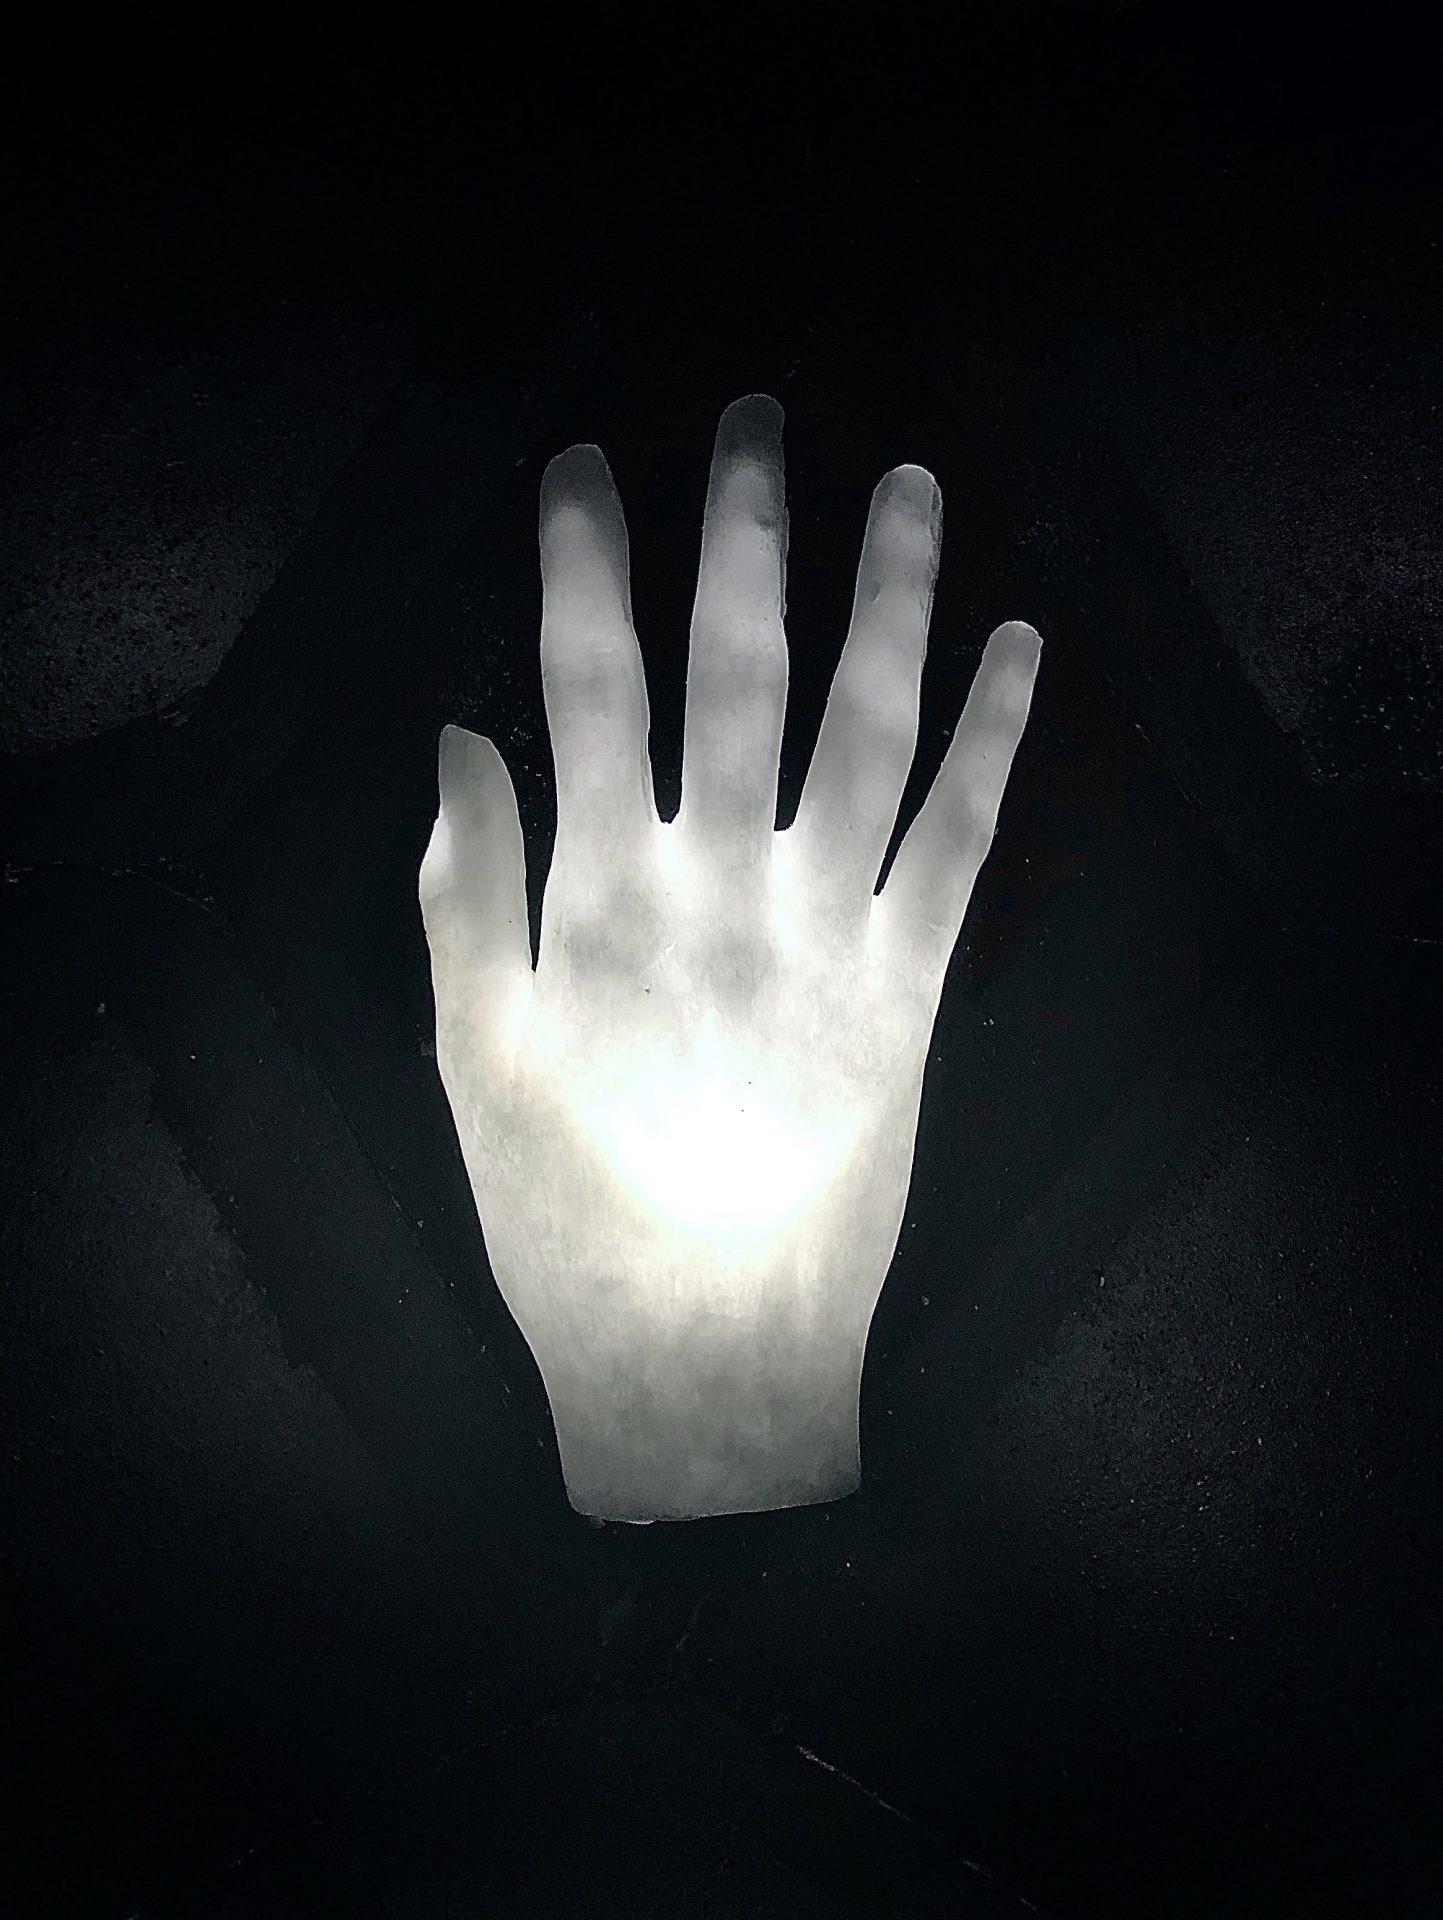 Hand paraffin wax